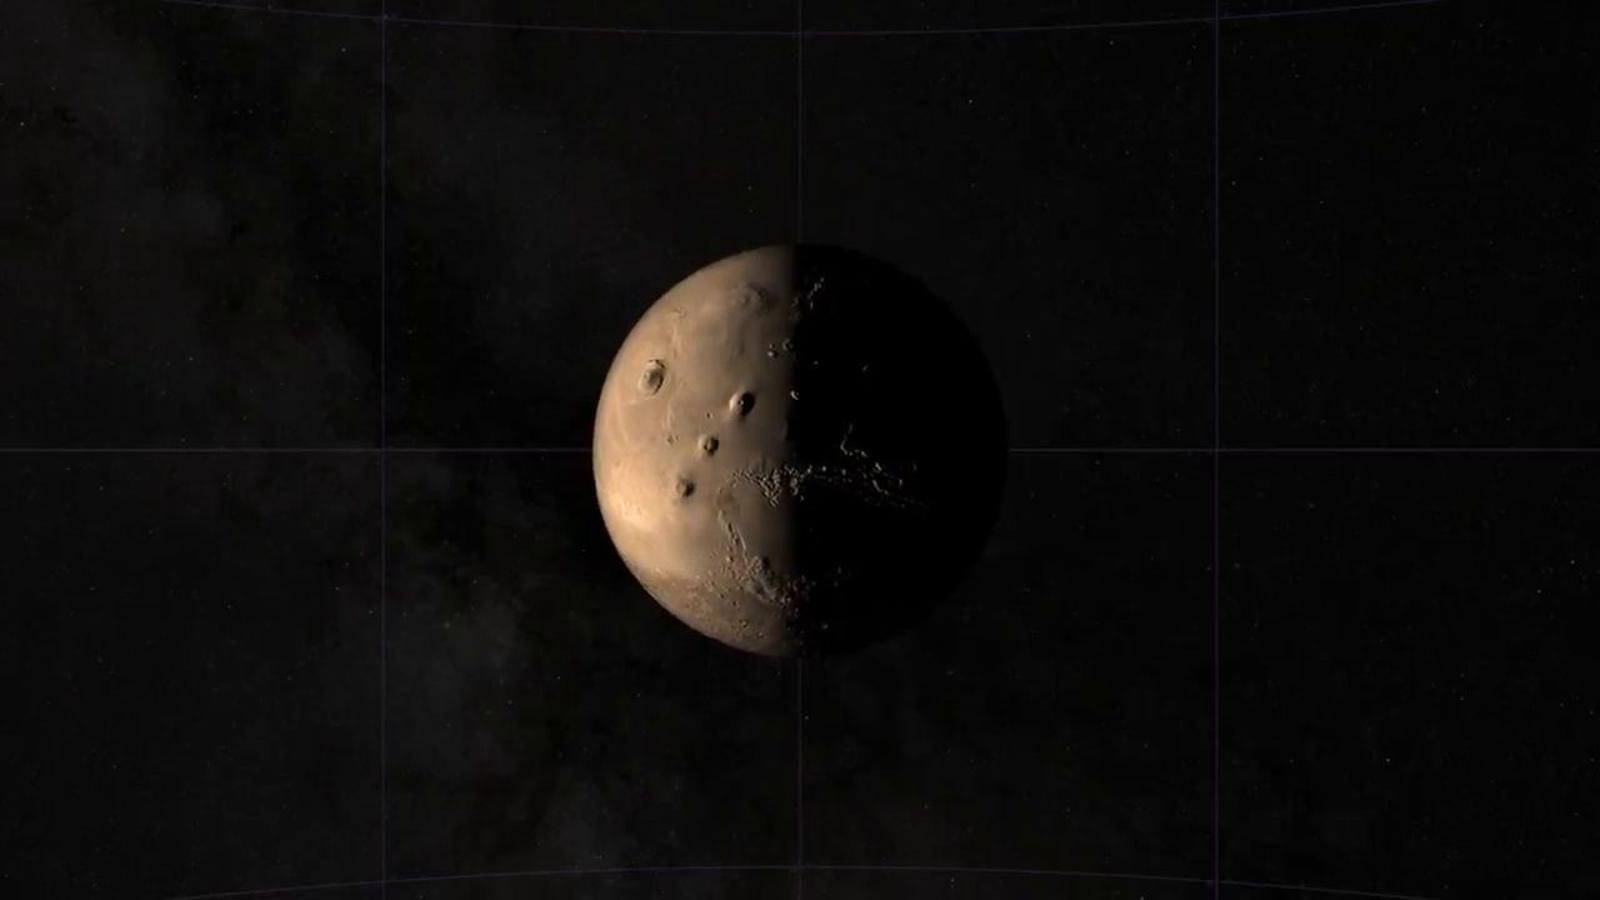 Què va passar a Mart?